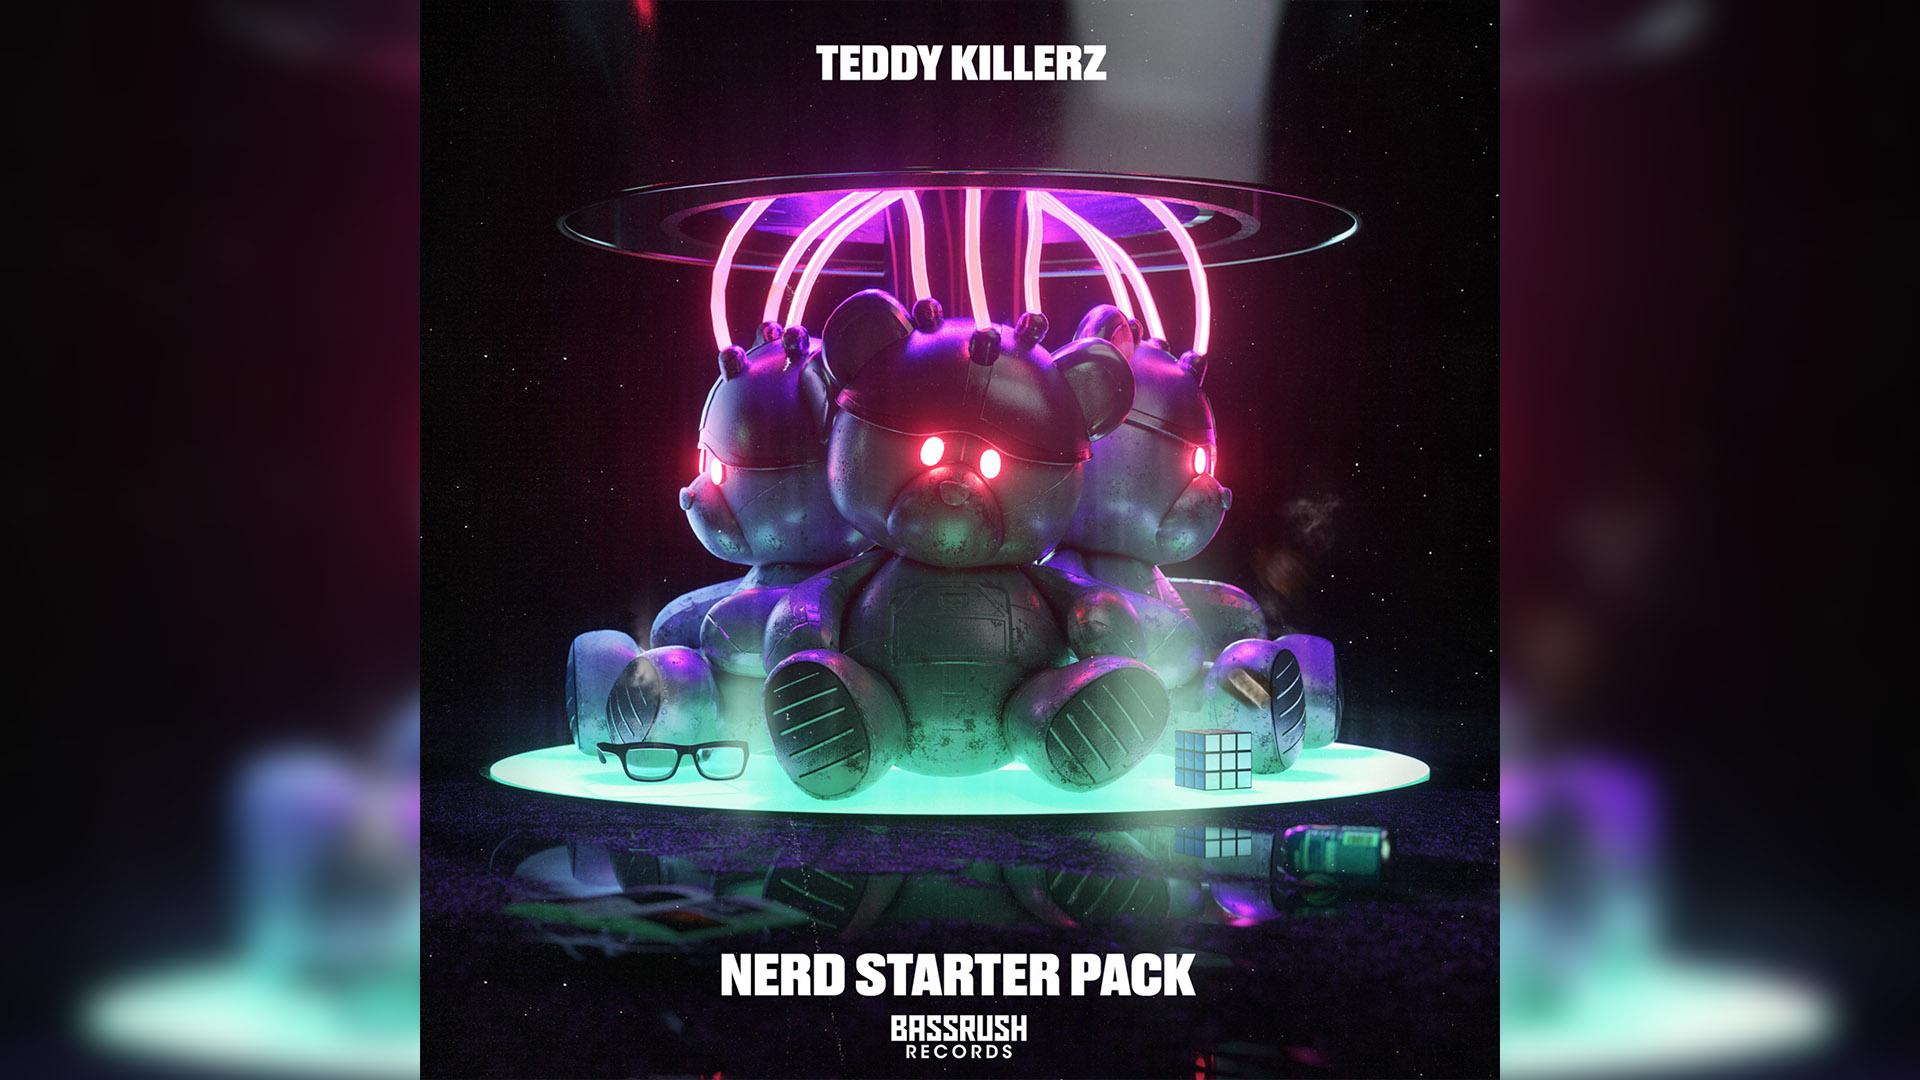 Nerd Starter Pack